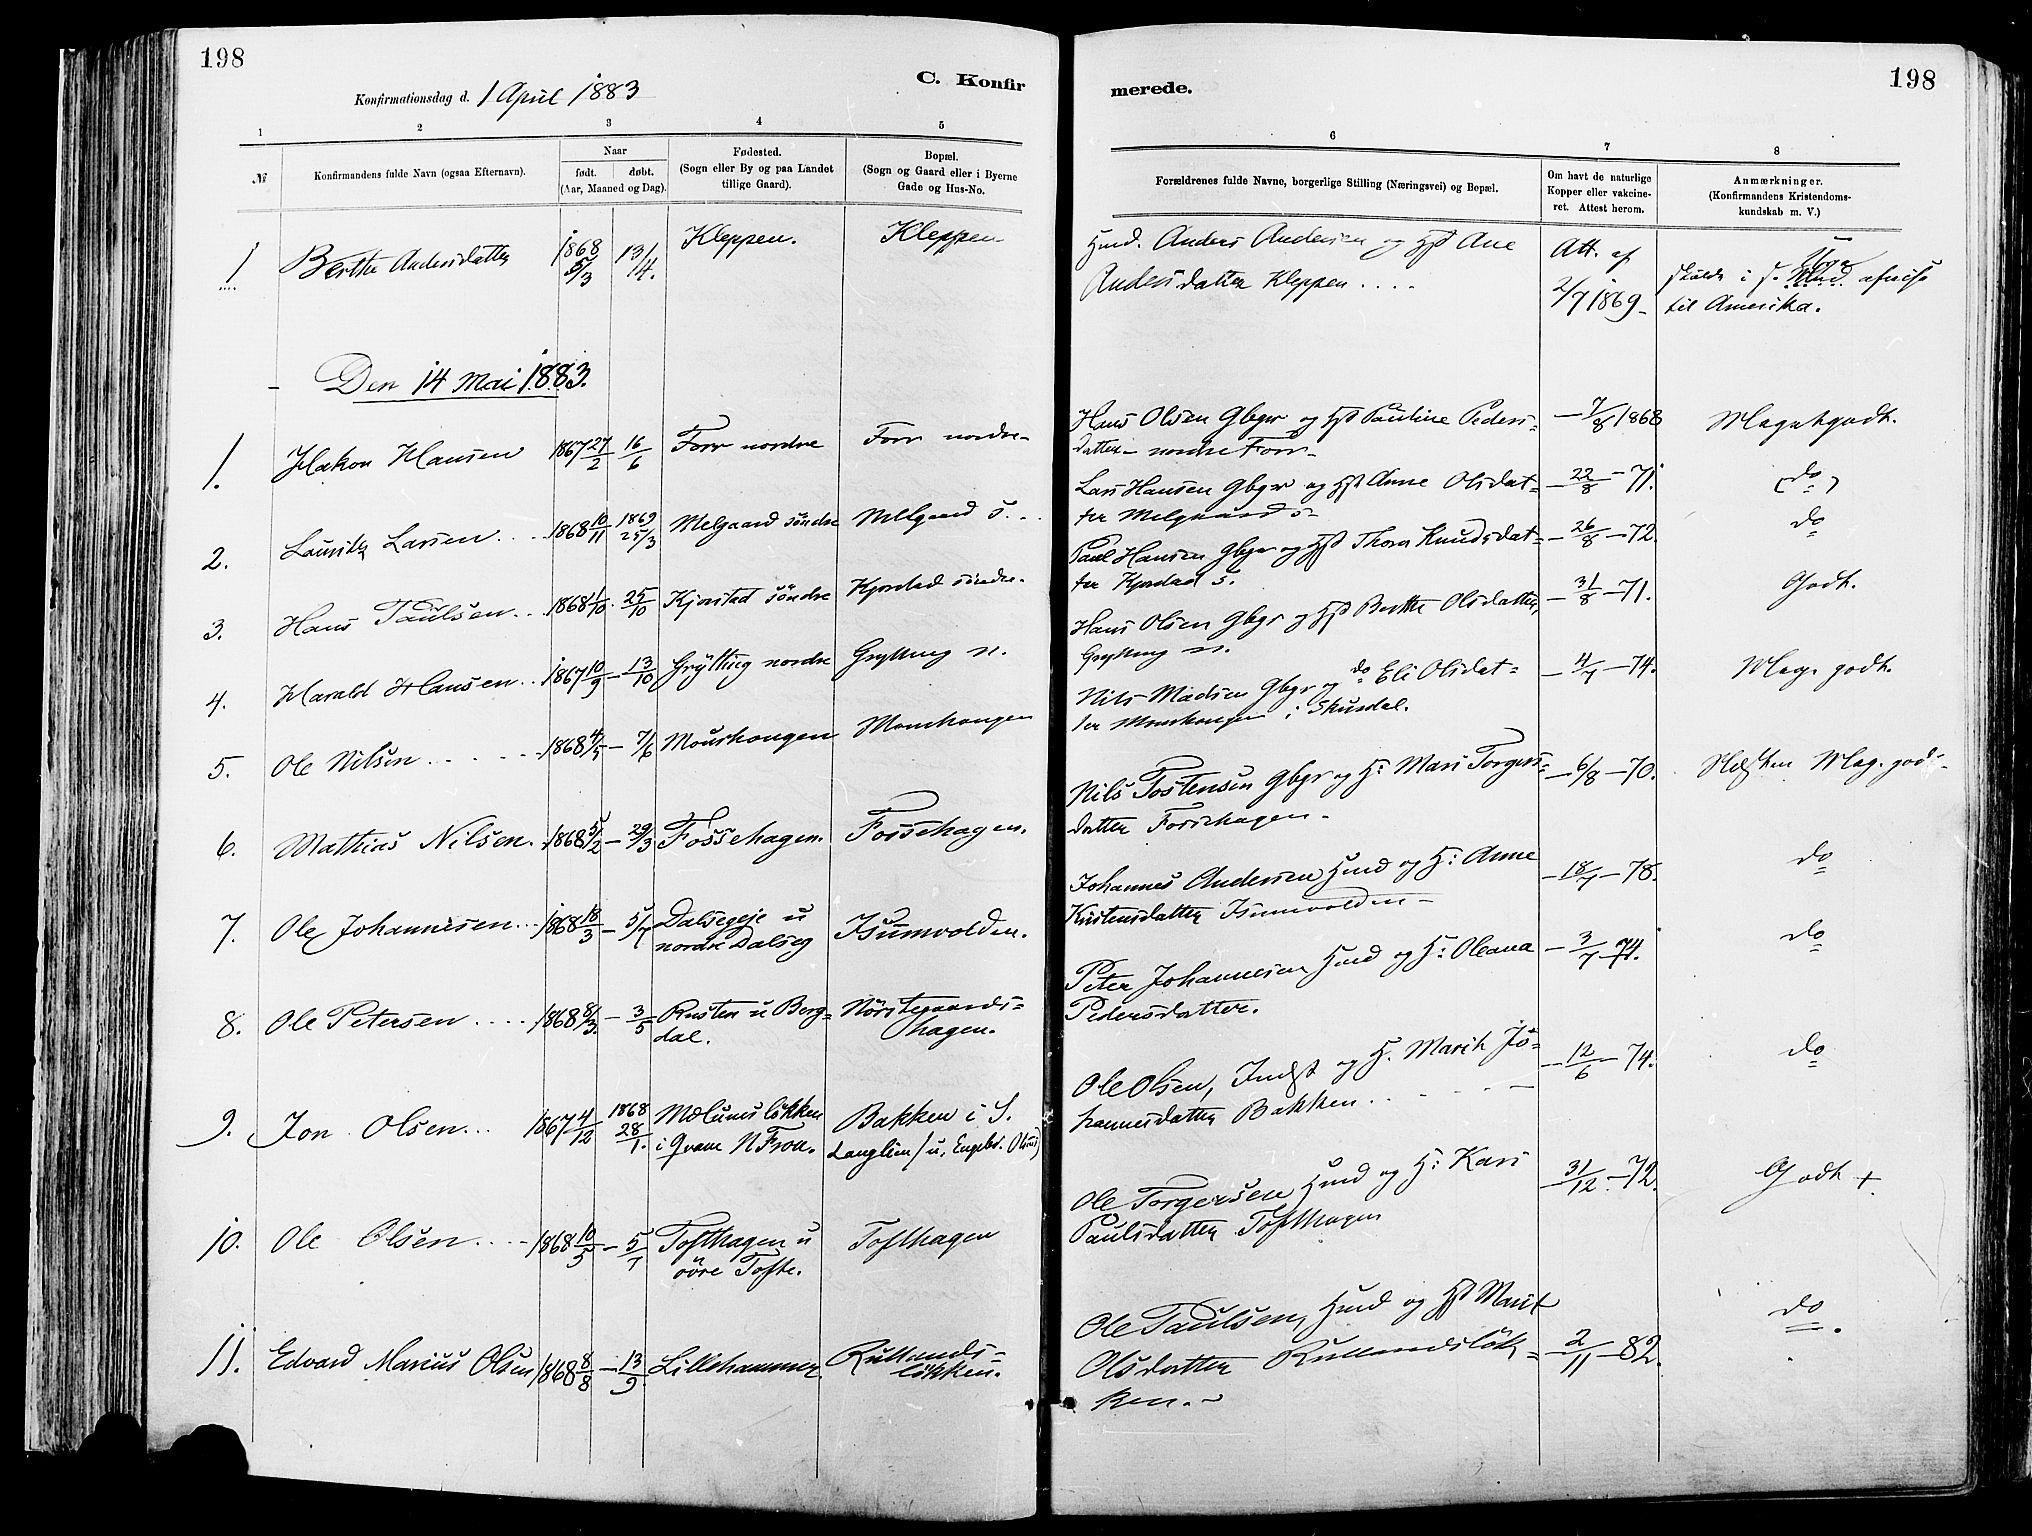 SAH, Sør-Fron prestekontor, H/Ha/Haa/L0003: Ministerialbok nr. 3, 1881-1897, s. 198